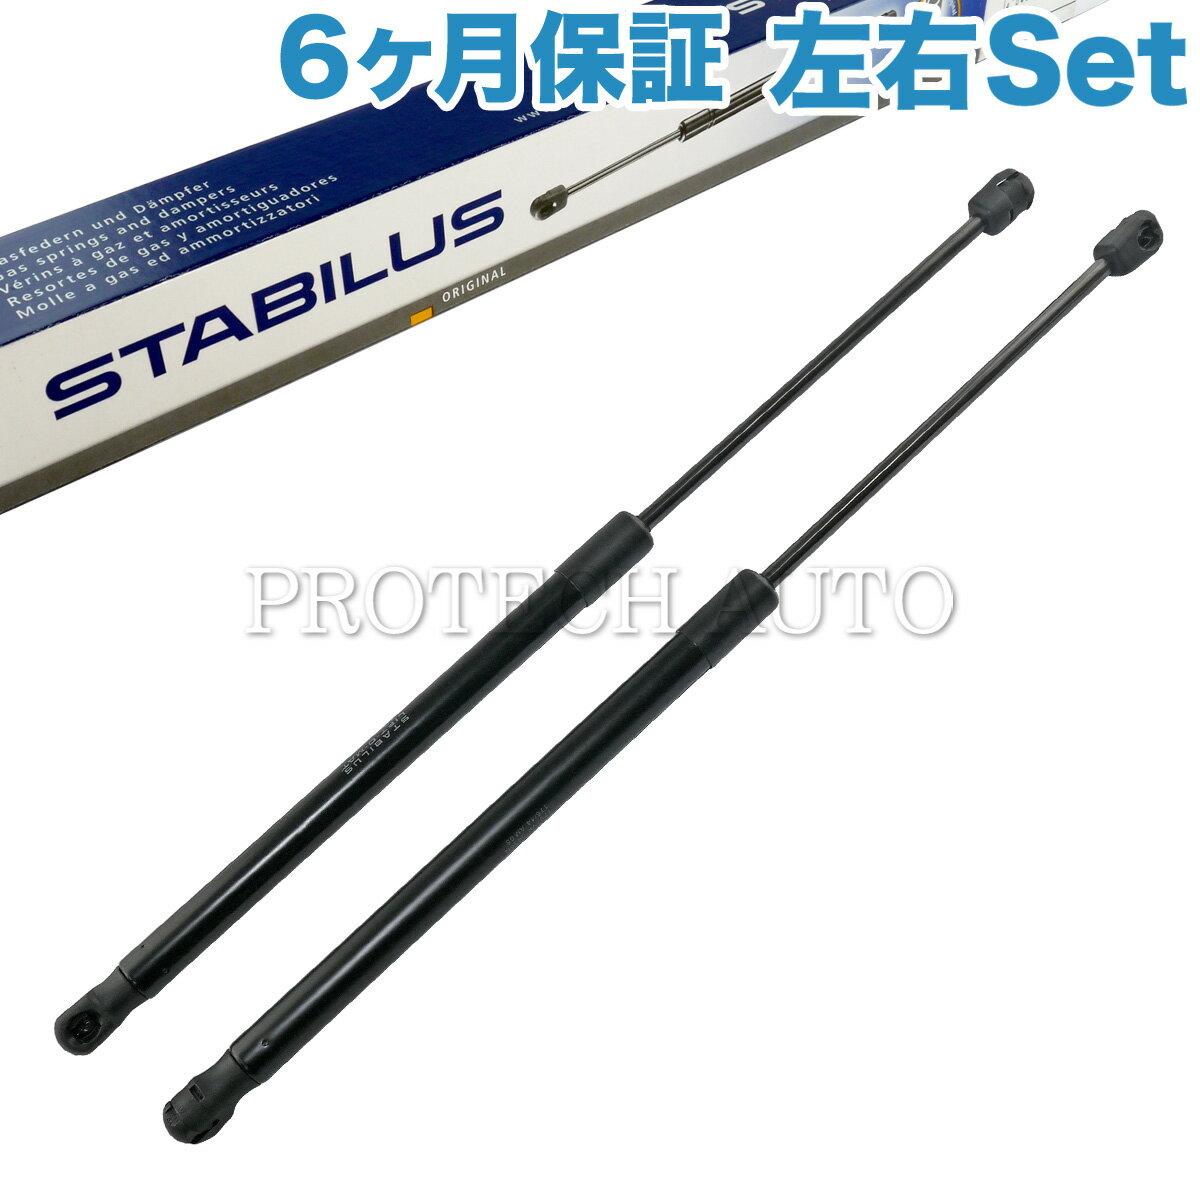 [6ヶ月保証] STABILUS製 ベンツ W169 リアゲートダンパー/ガスプレッシャースプリング 左右セット(2本) 1697400045 1757VK A170 A180 A200【あす楽対応】